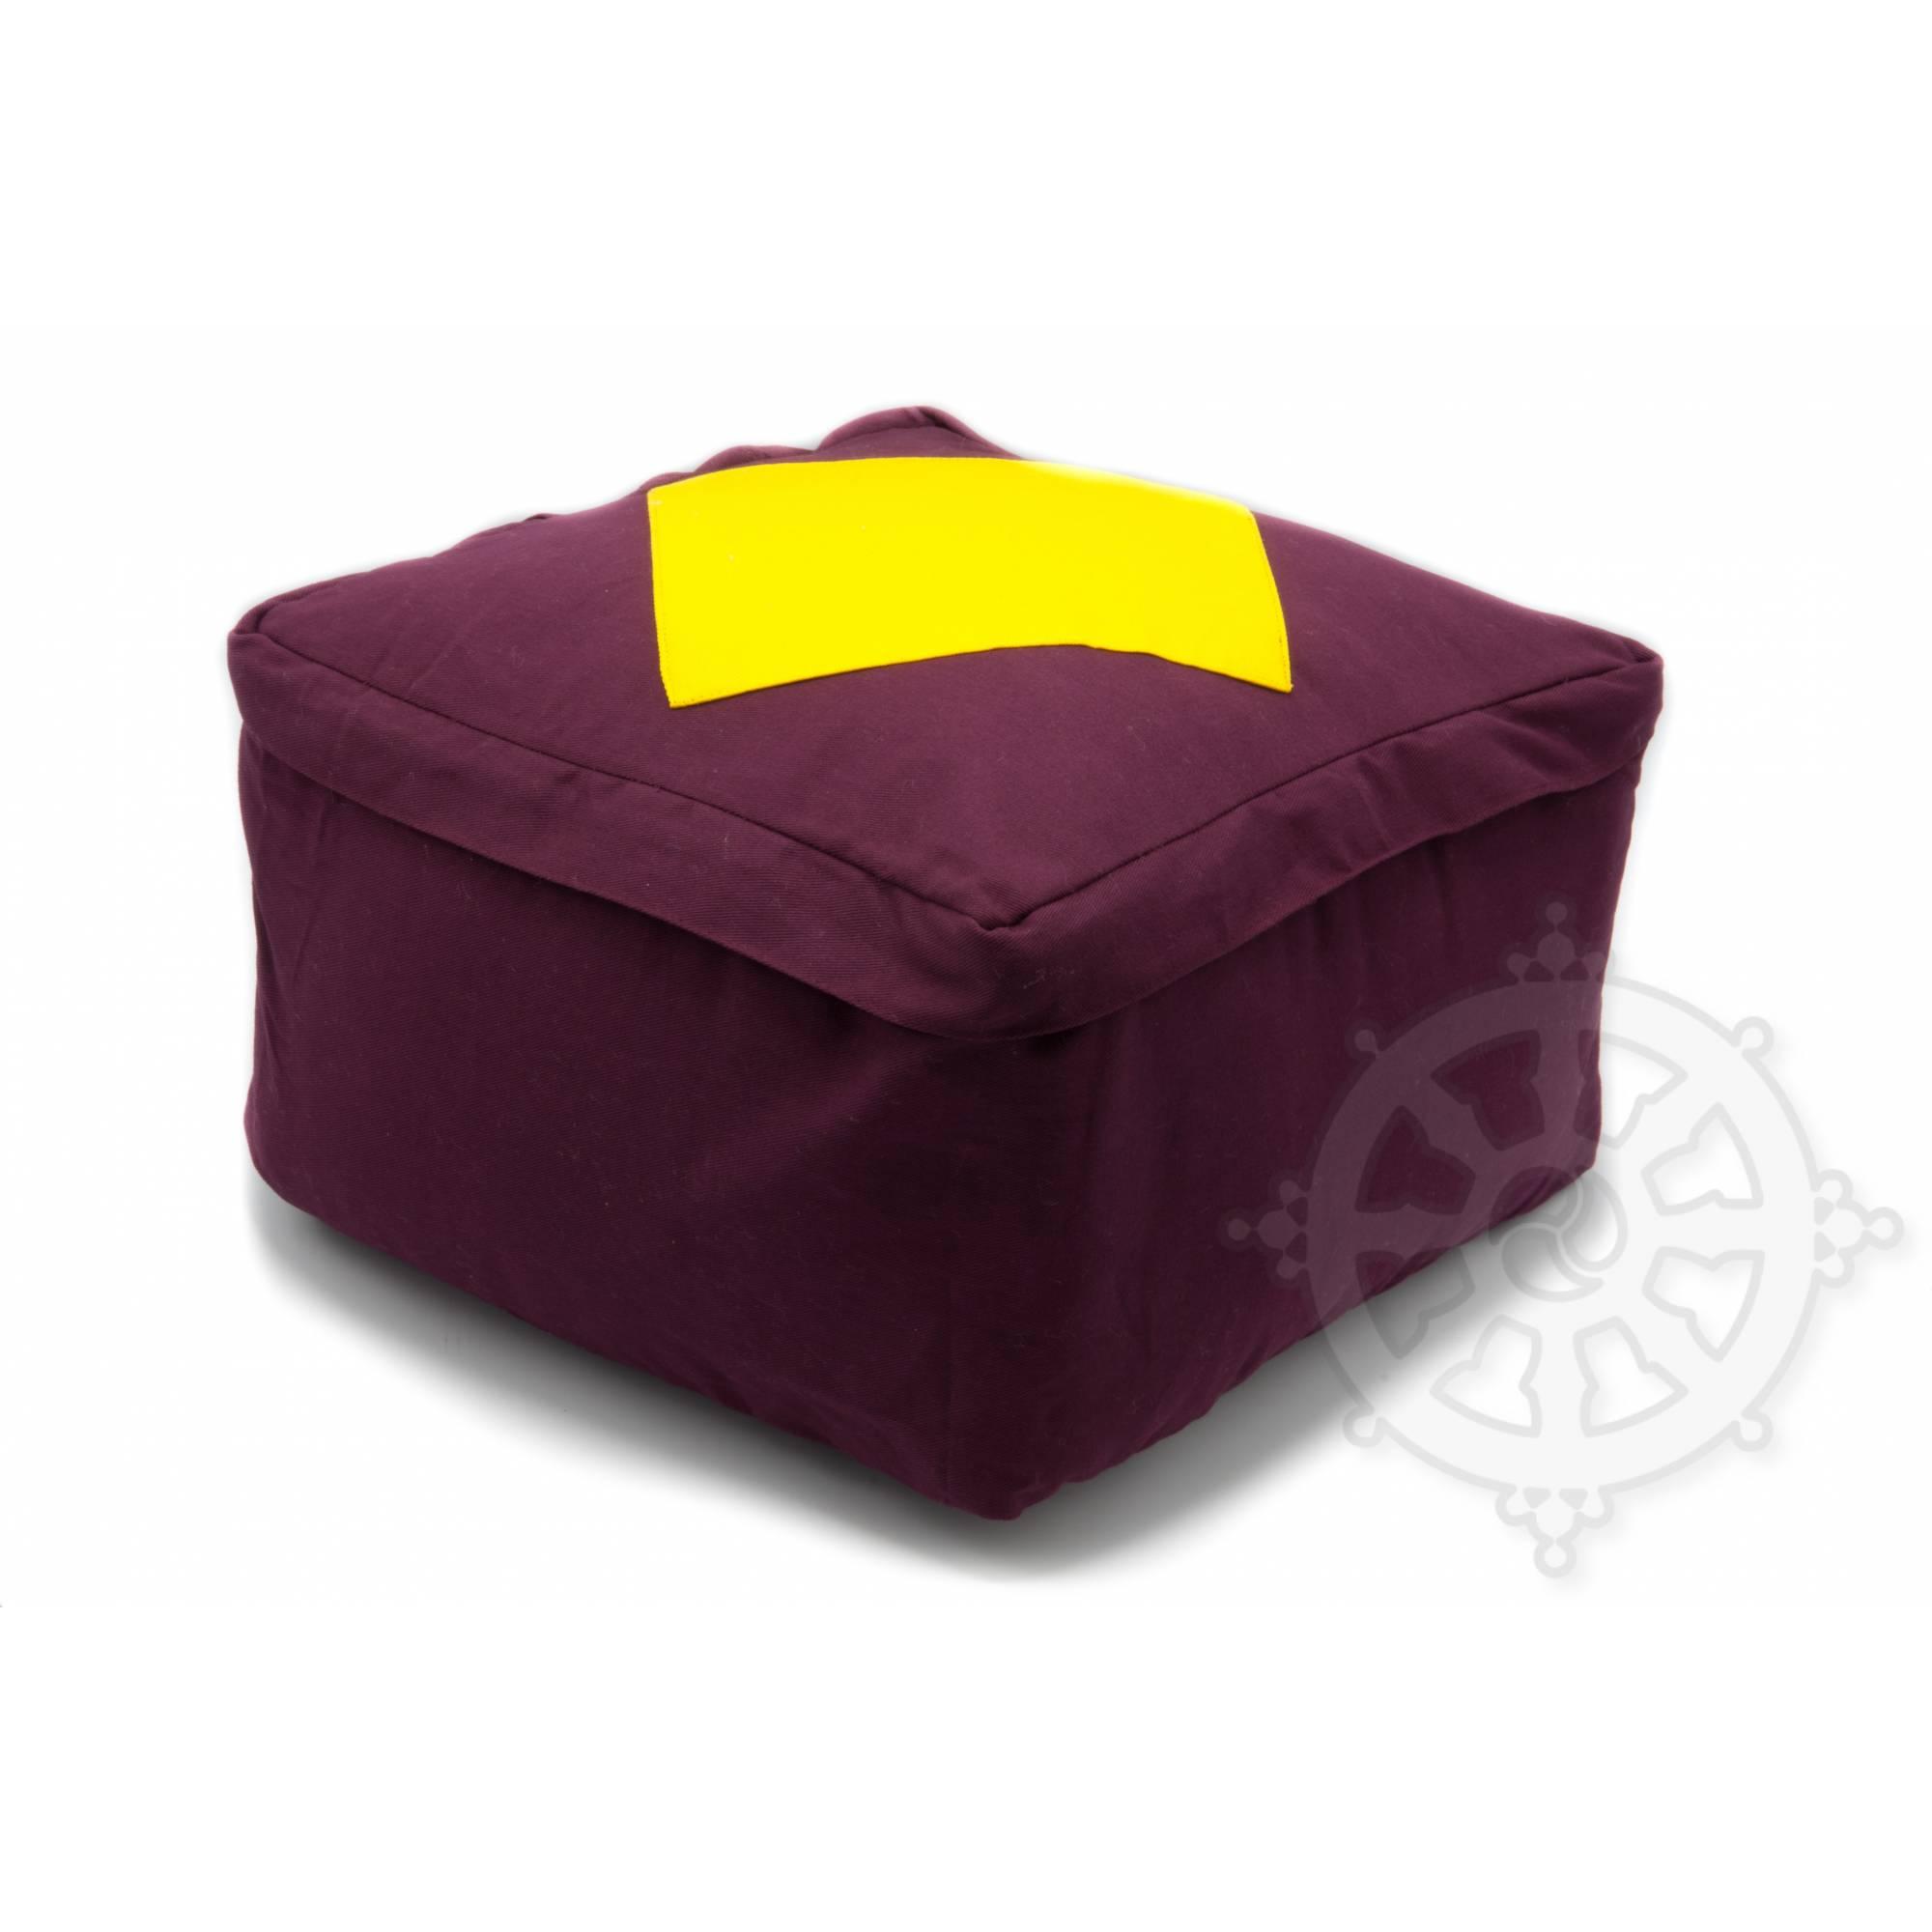 Coussins CarrÉs QualitÉ Sup H 20 X L 30 X L 30 Cm Violet Avec Losange Jaune b4066bba049